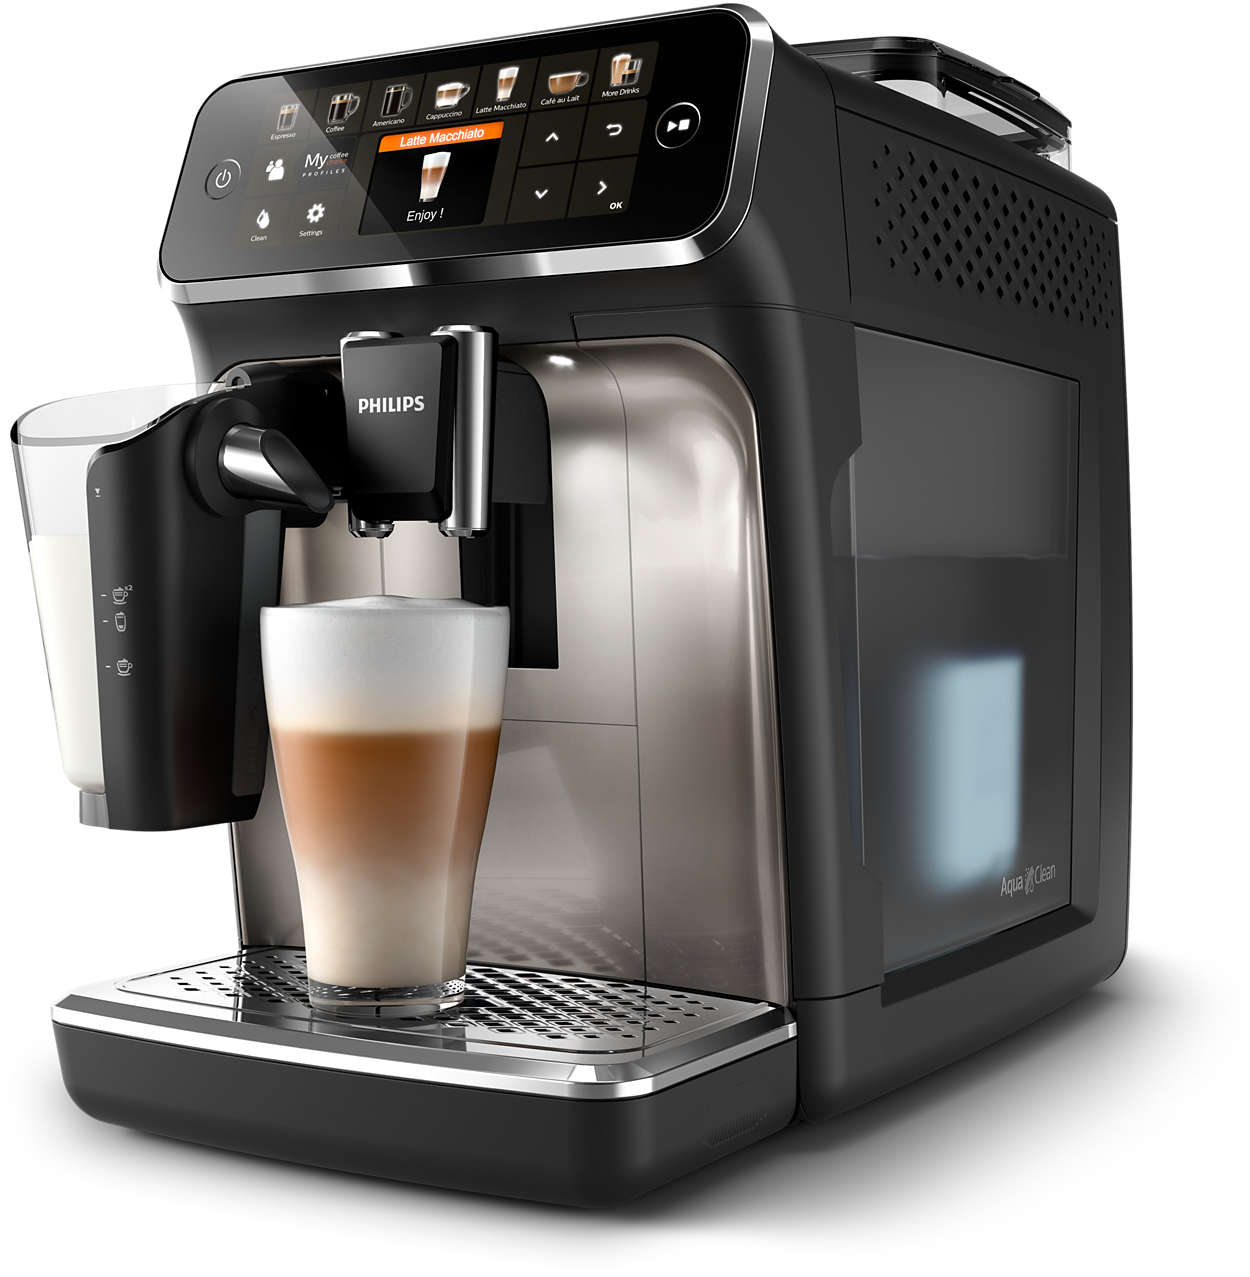 Приготвянето на 12 кафета от свежи зърна вече е по-лесно